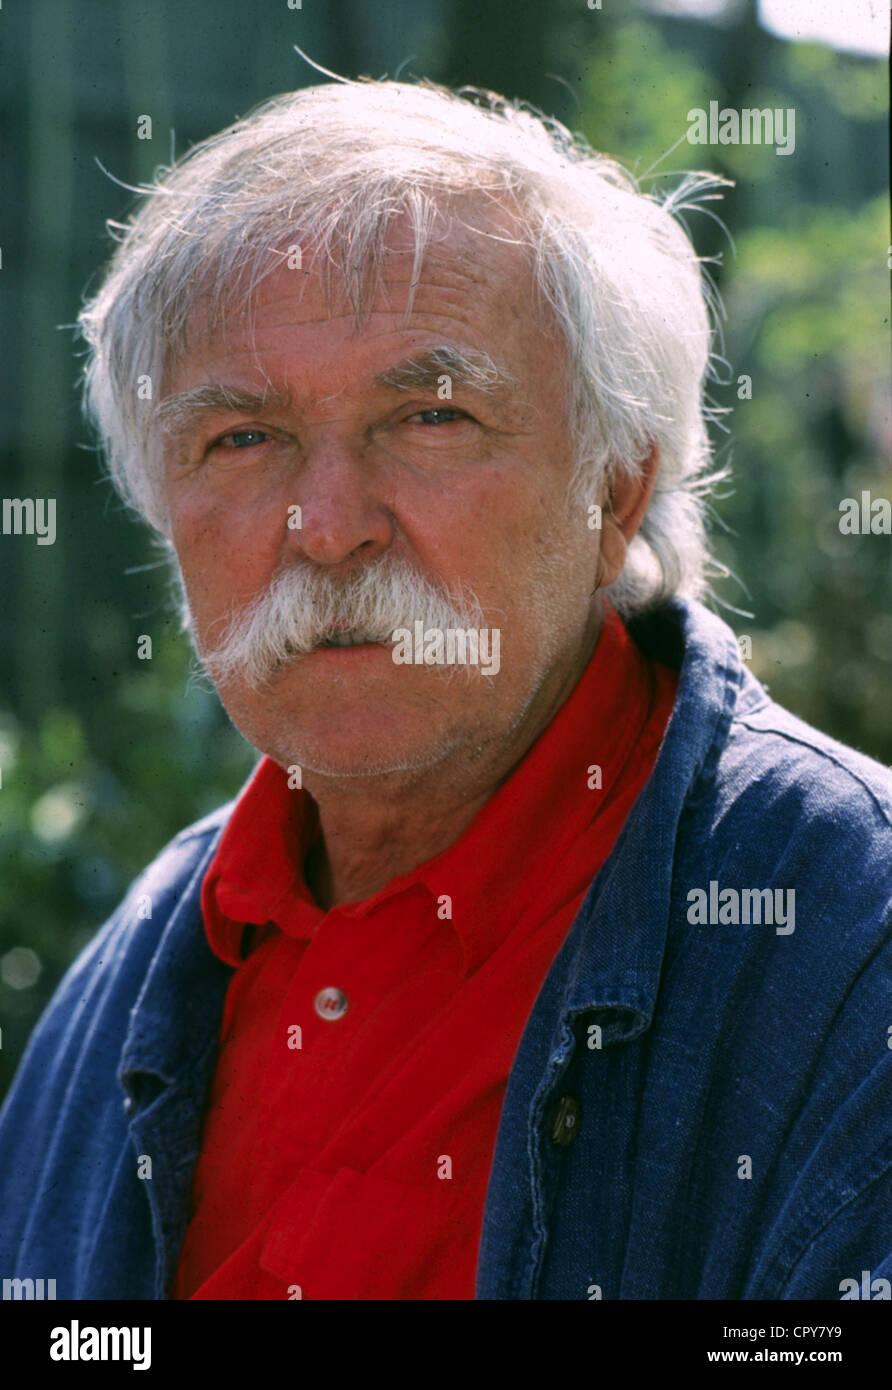 Eckert, Horst (Janosch), * 11.3.1931, German children's book author, writer, portrait, 1998, Additional-Rights - Stock Image